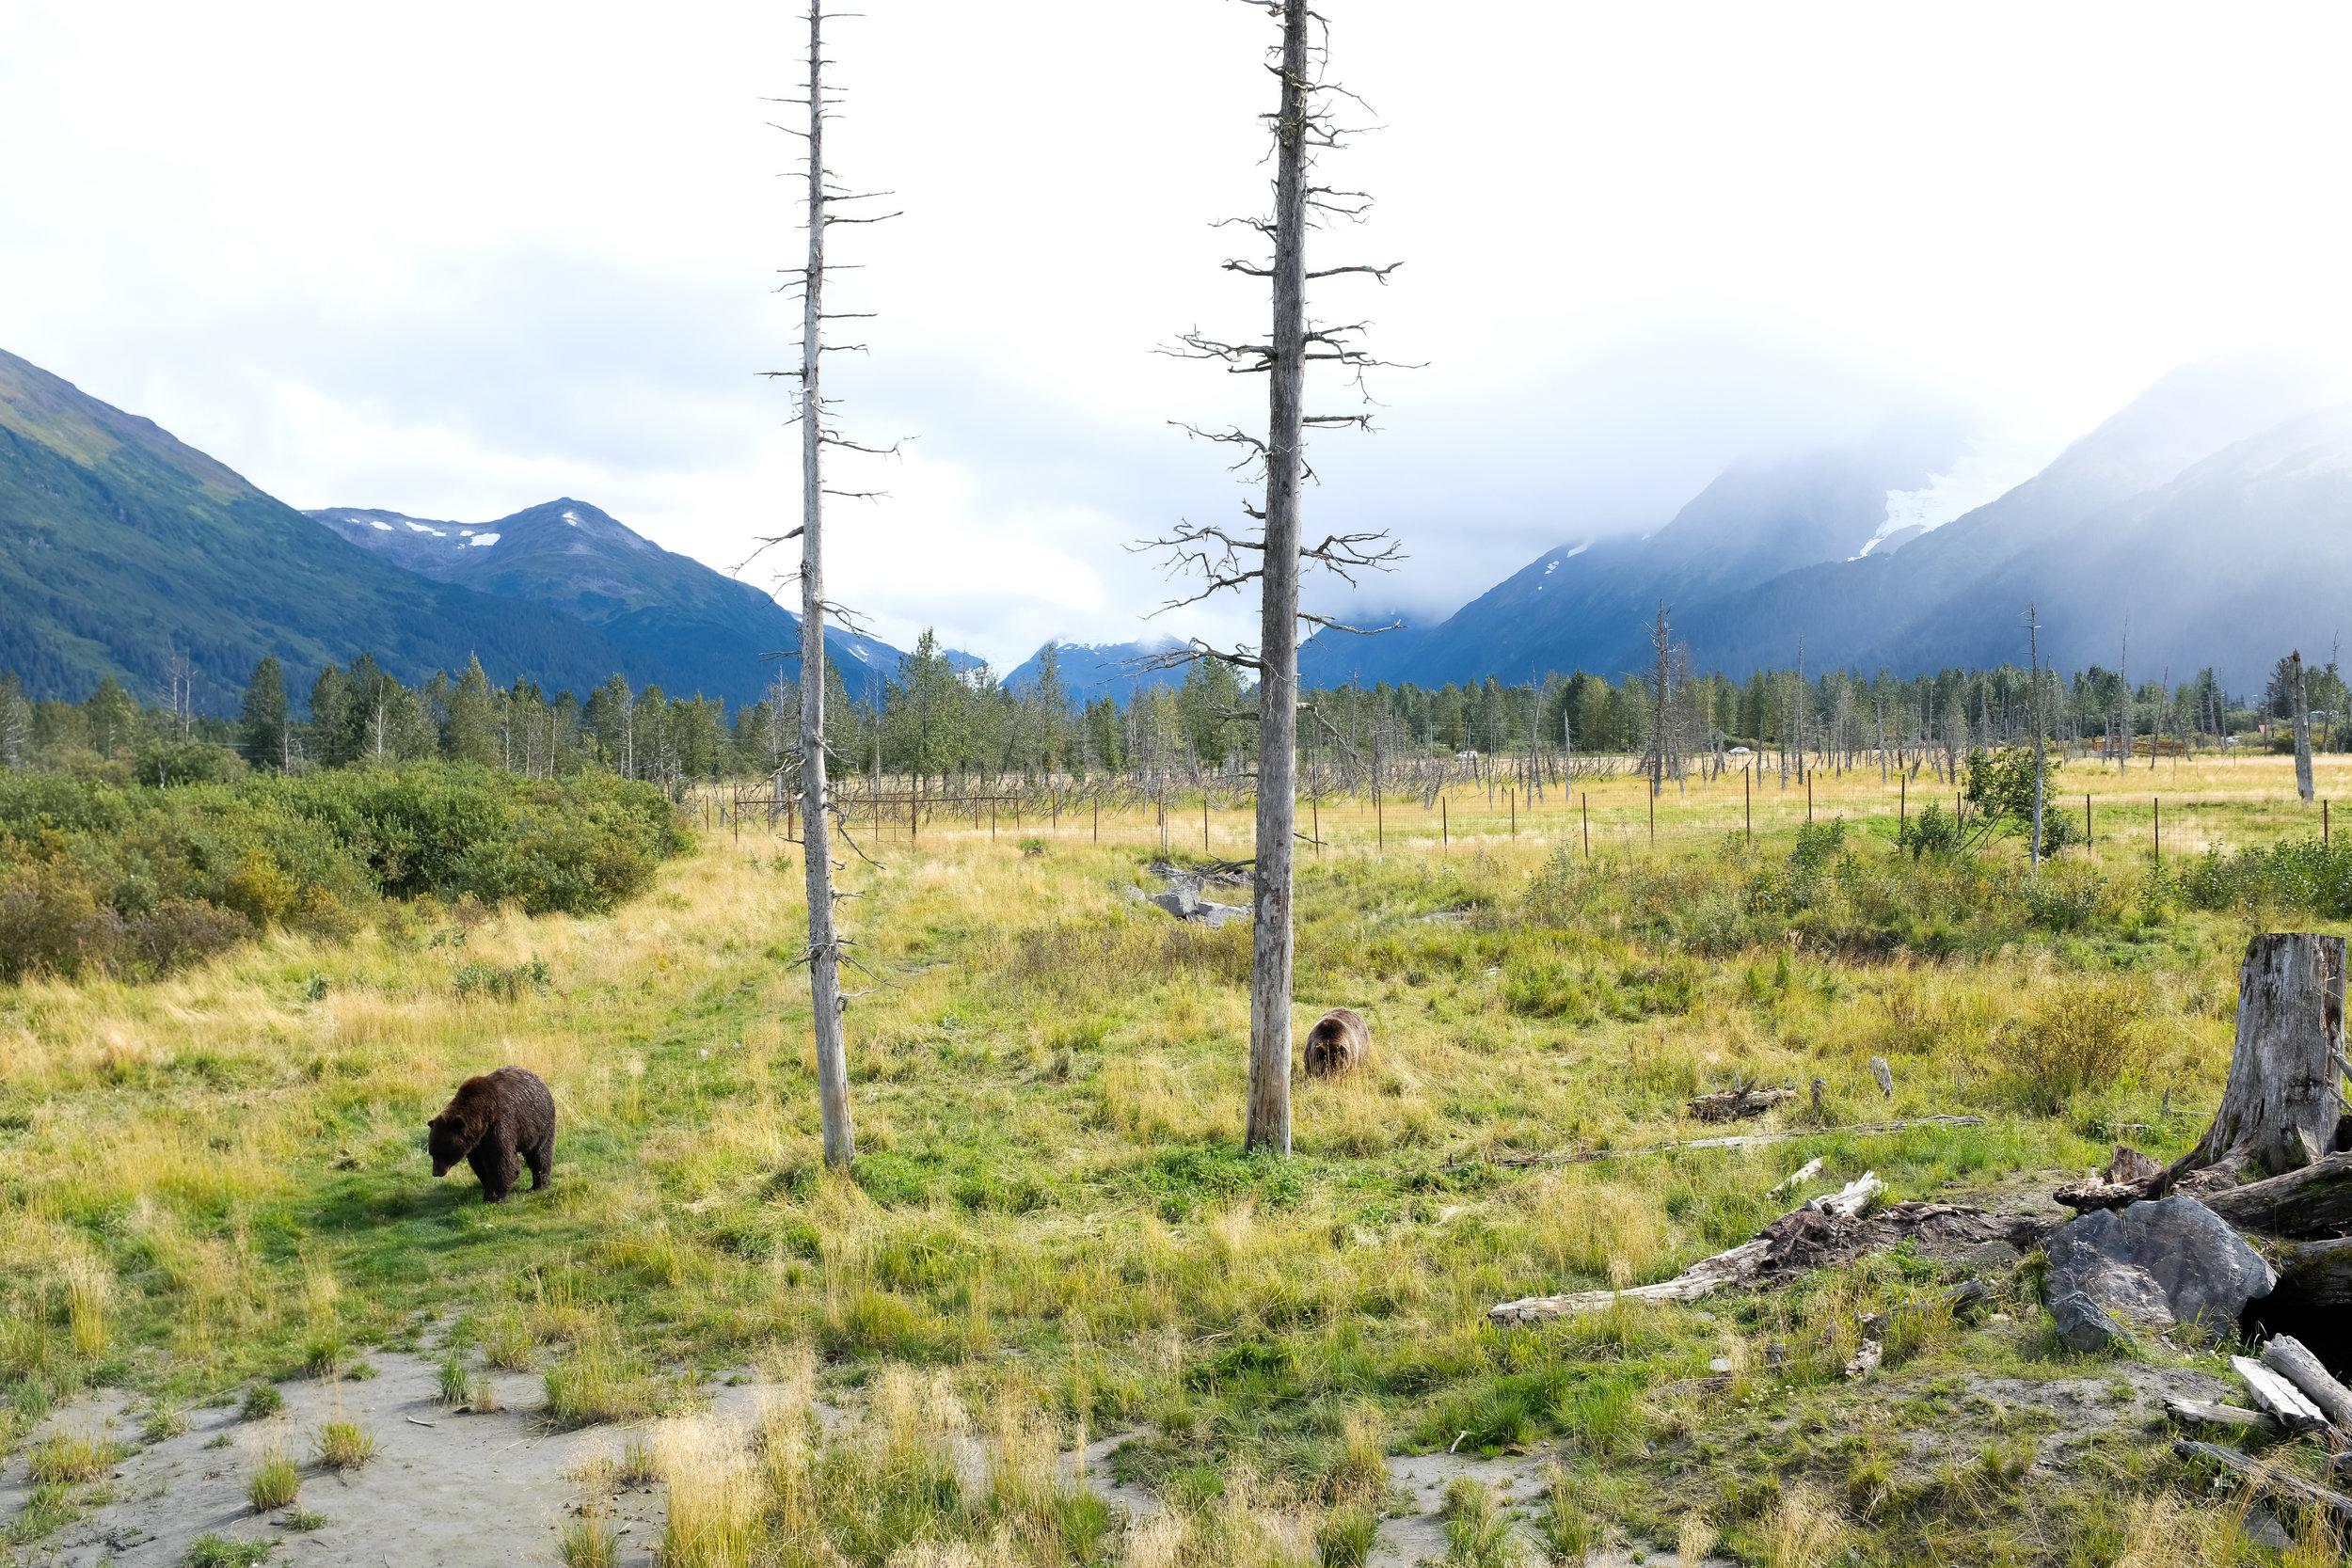 Alaska Wildlife Conservation Center, Alaska